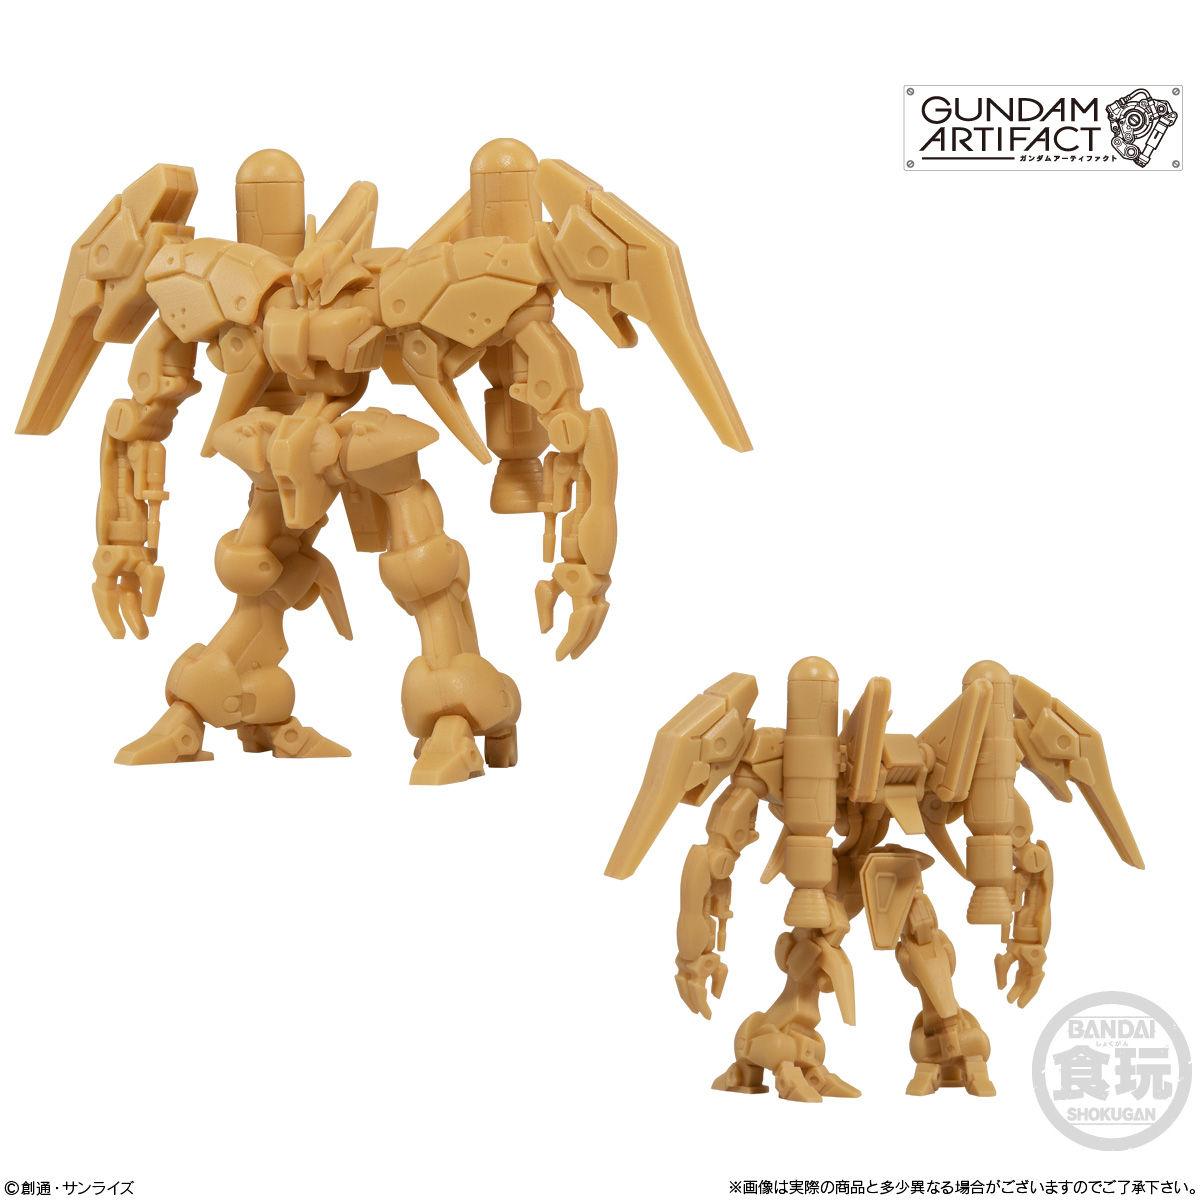 【食玩】機動戦士ガンダム『ガンダムアーティファクト』プラ製ミニキット 10個入りBOX-004